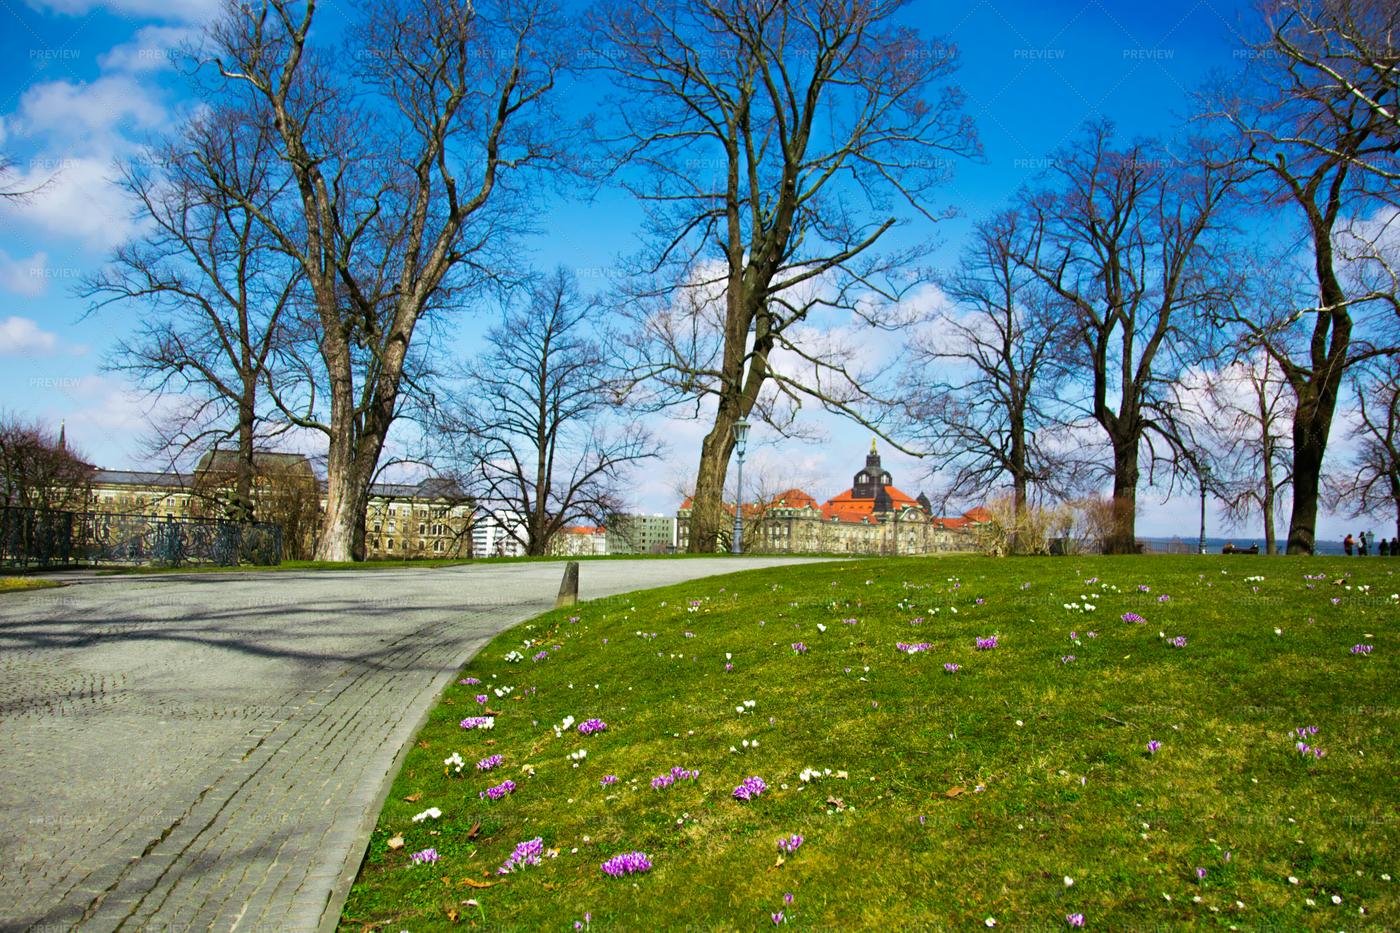 Garden In Drezden: Stock Photos